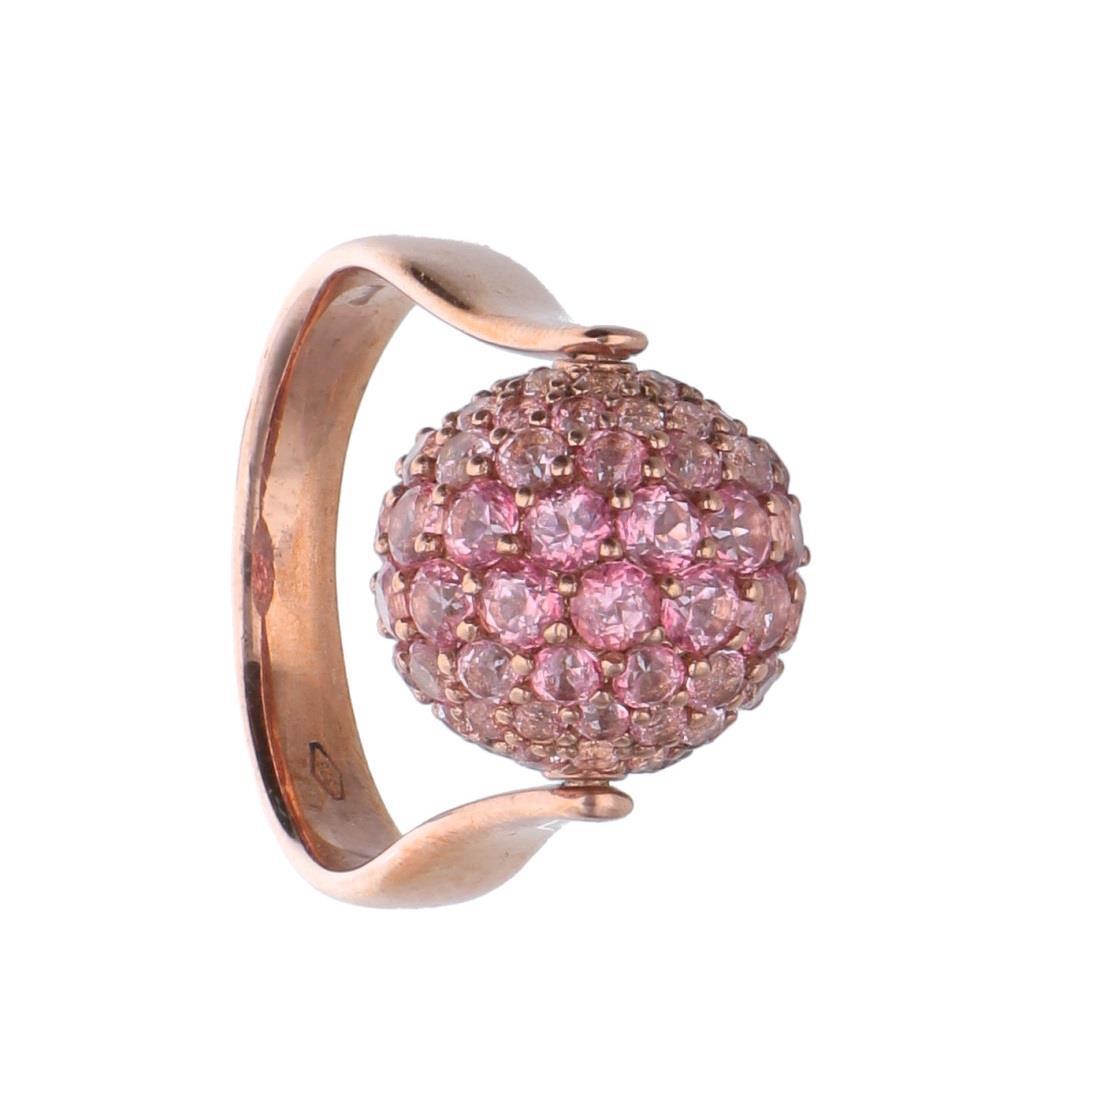 Anillo esfera con topacios rosas - ROBERTO DEMEGLIO